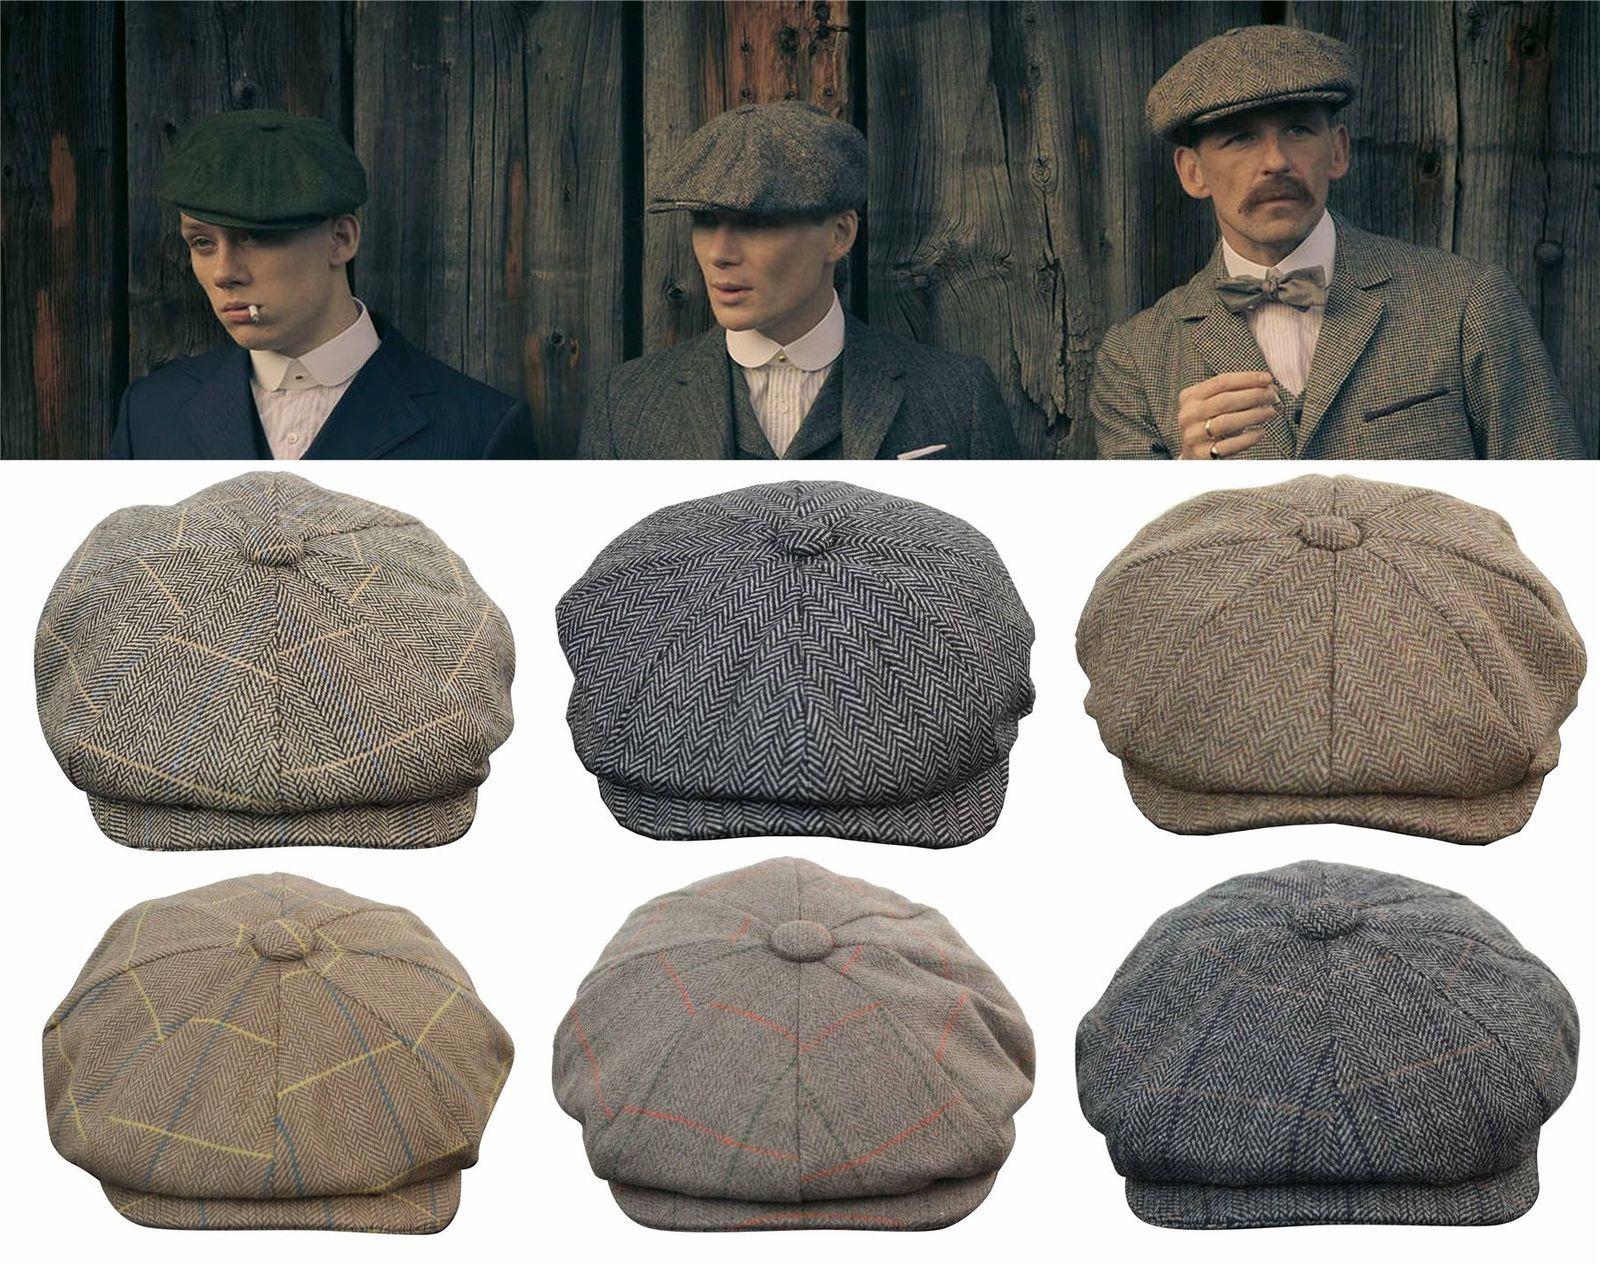 4084670c Mens Tweed Newsboy Cap Peaky Blinders Baker Boy Flat Check Grandad Hat |  eBay